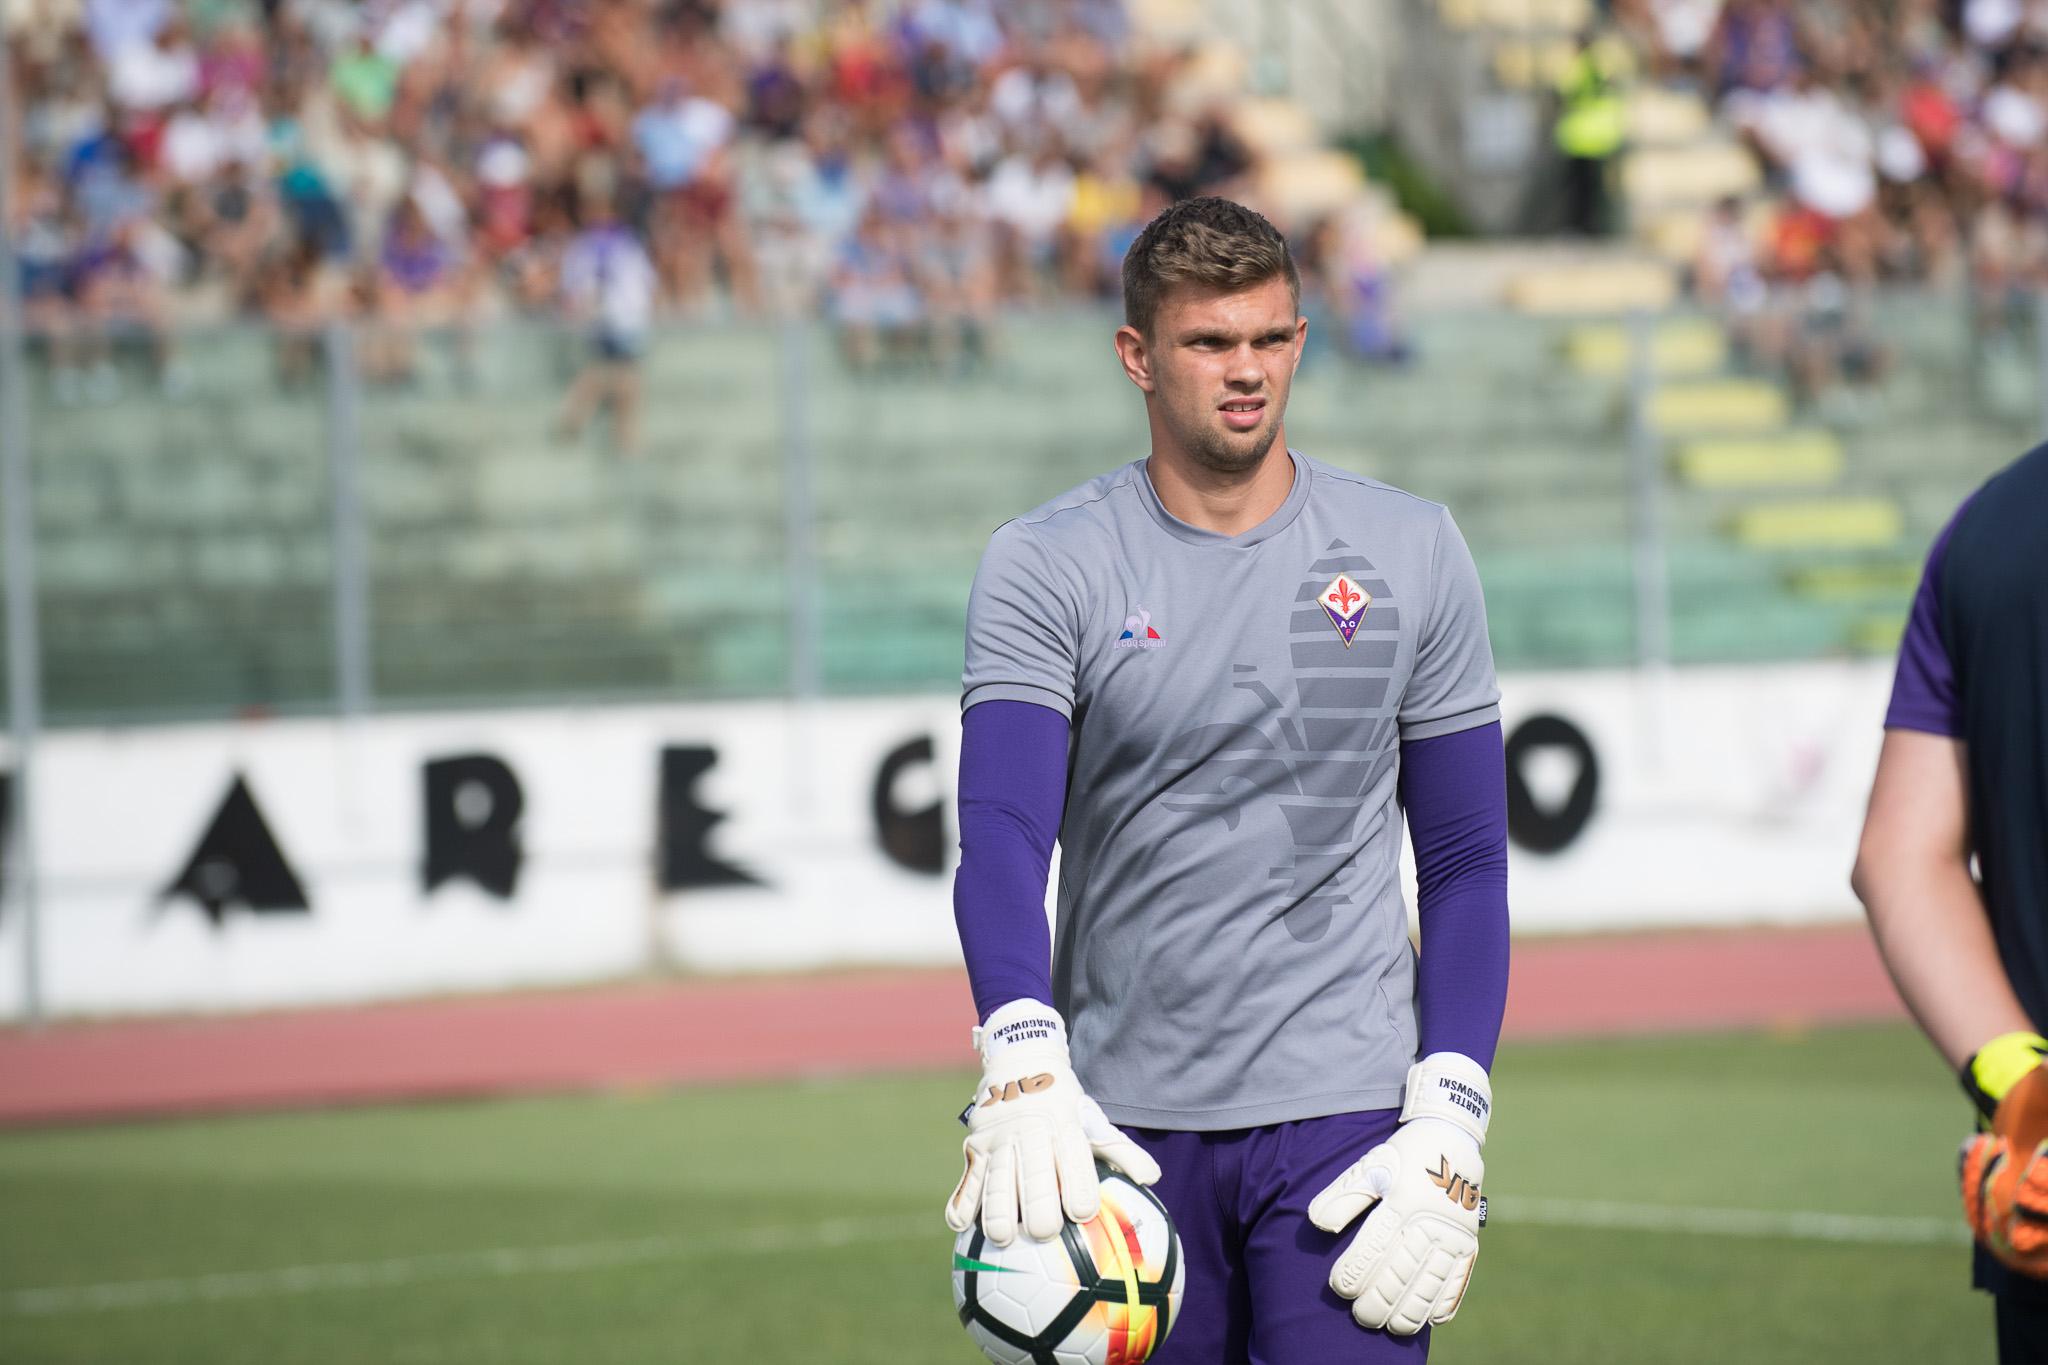 Dal Portogallo, la Fiorentina ha rifiutato l'offerta del Benfica per Dragowski di 2 milioni di euro